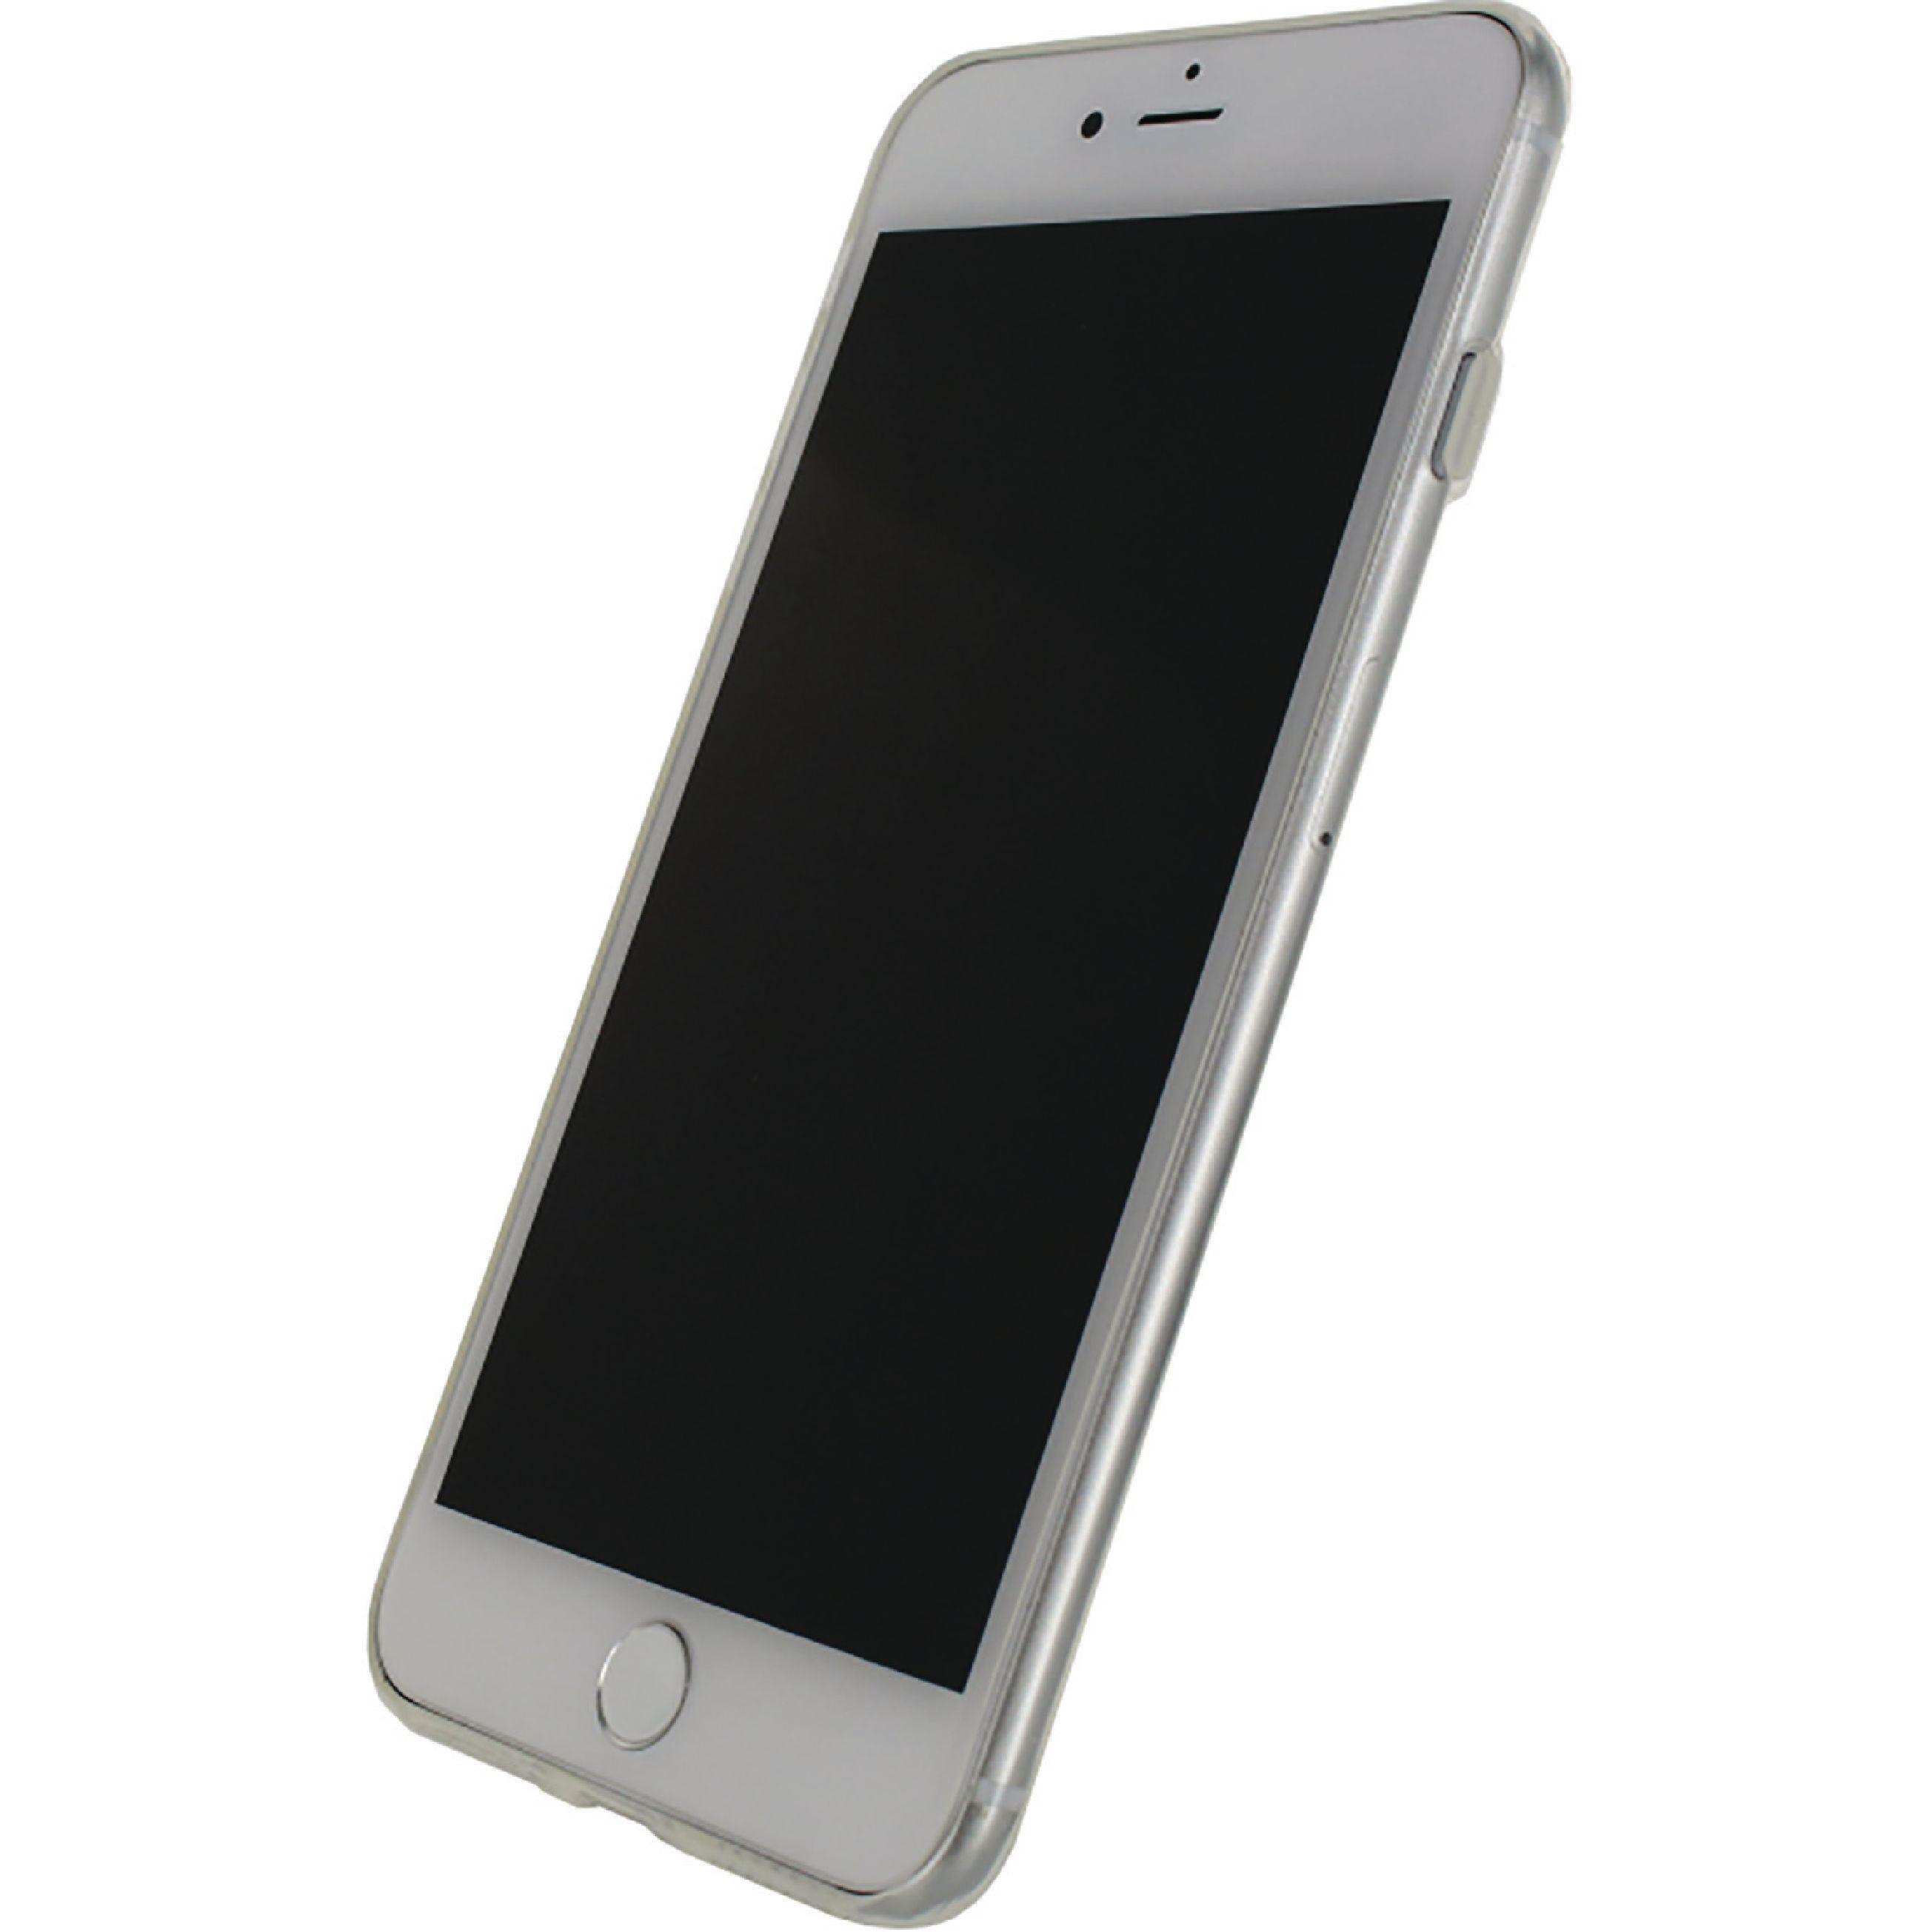 Image of   Telefon Slankt og Blødt Omslagsetui Apple iPhone 7 Plus Gennemsigtig